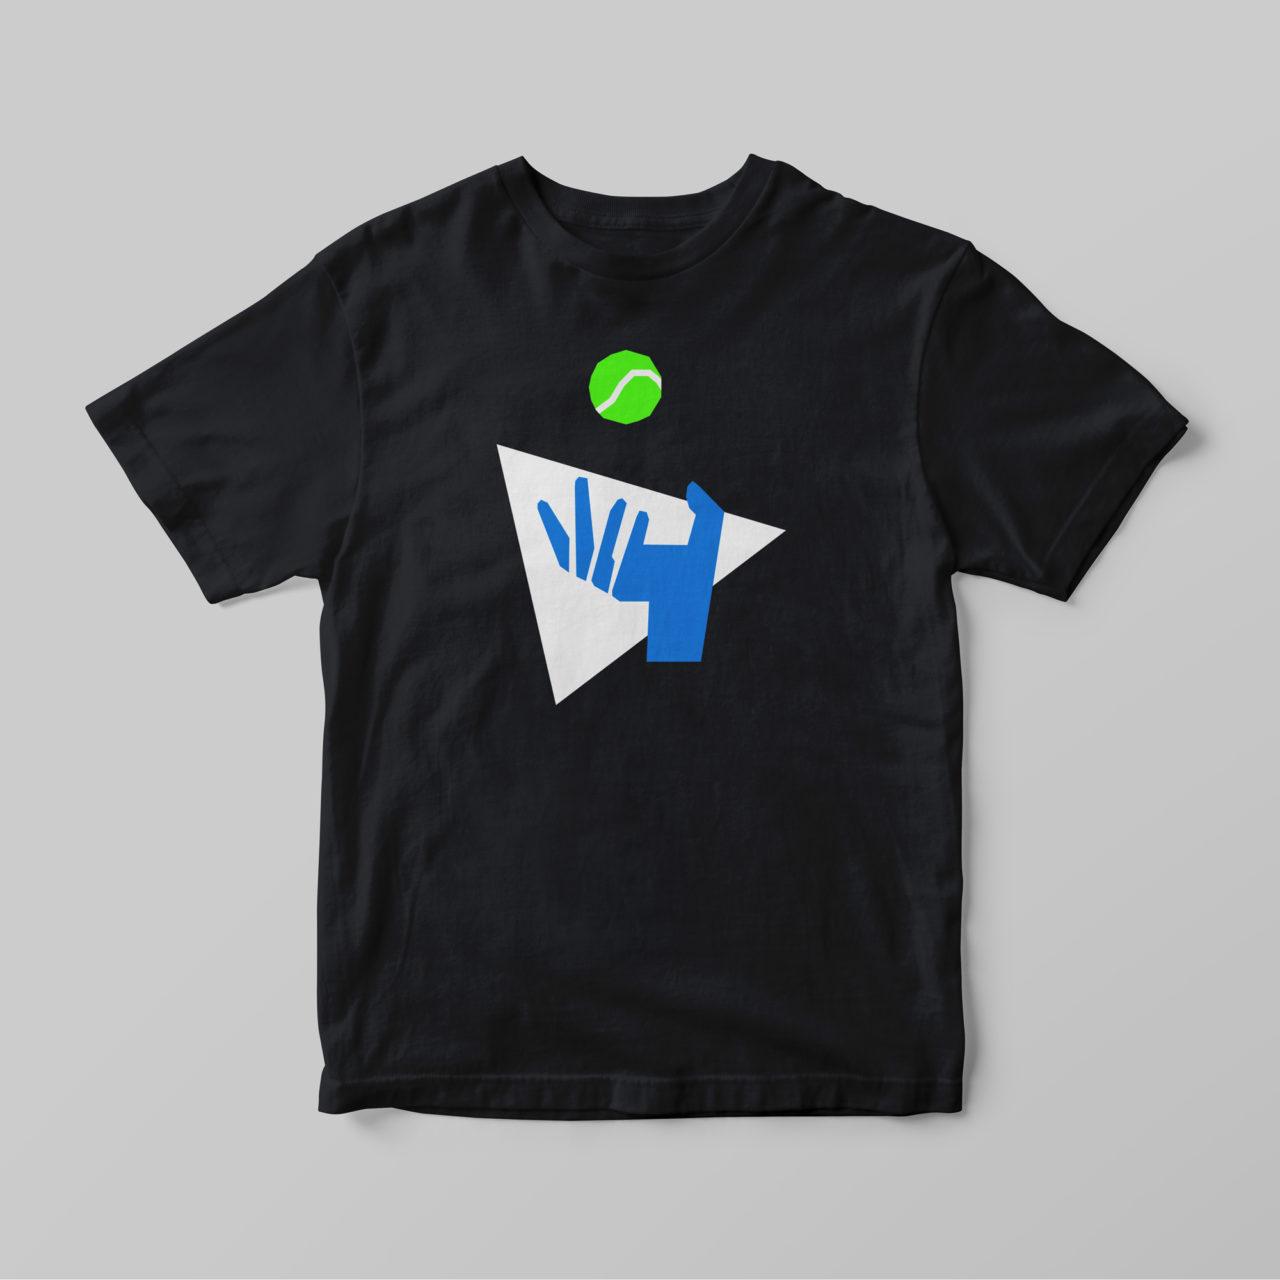 Tshirt-Mockup_Mat